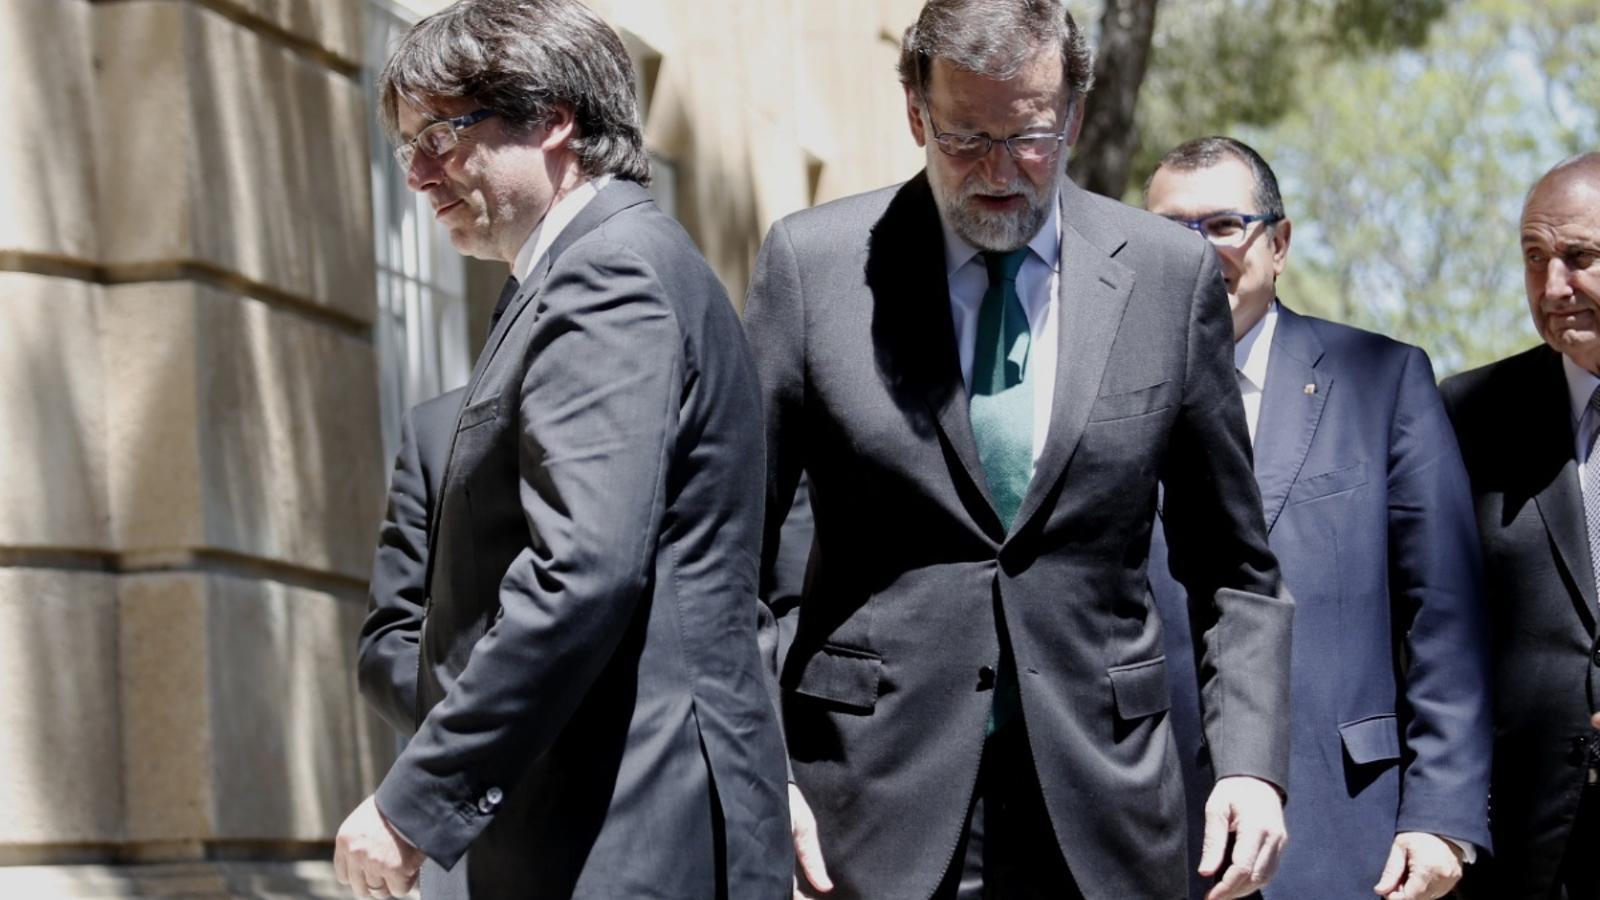 El president de la Generalitat, Carles Puigdemont, i el president del govern espanyol, Mariano Rajoy